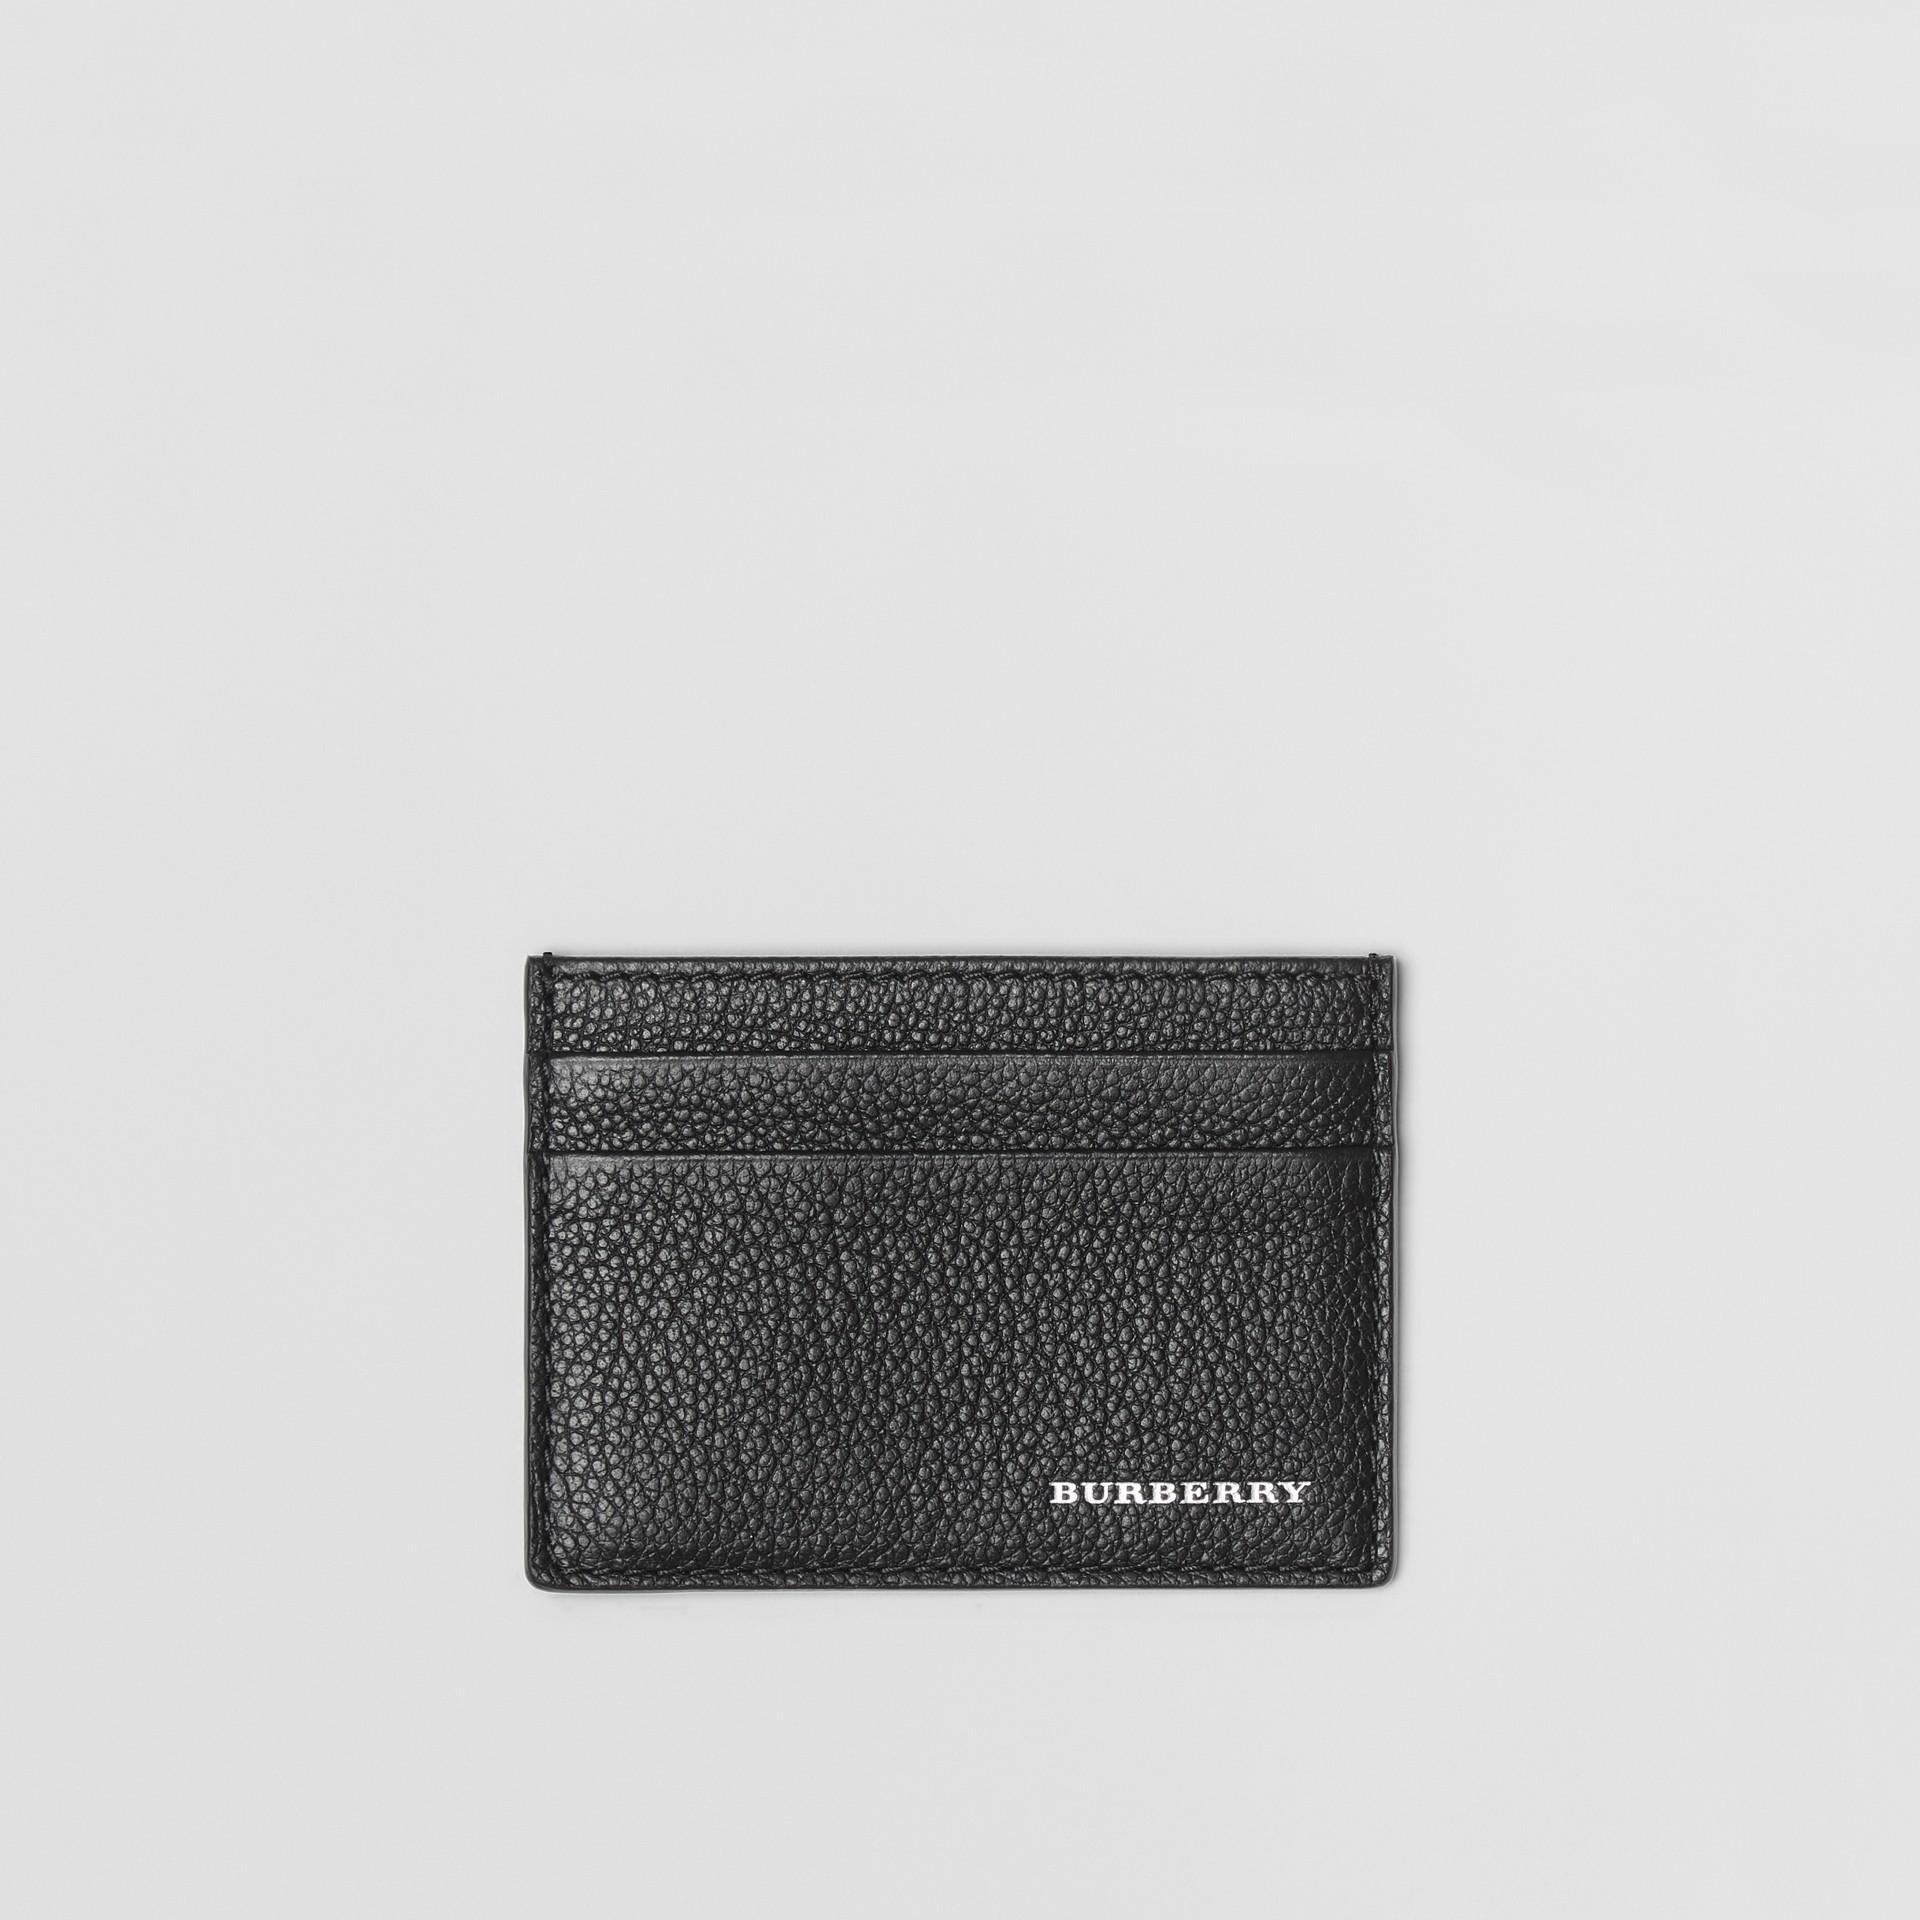 グレイニーレザー カードケース (ブラック) | バーバリー - ギャラリーイメージ 0